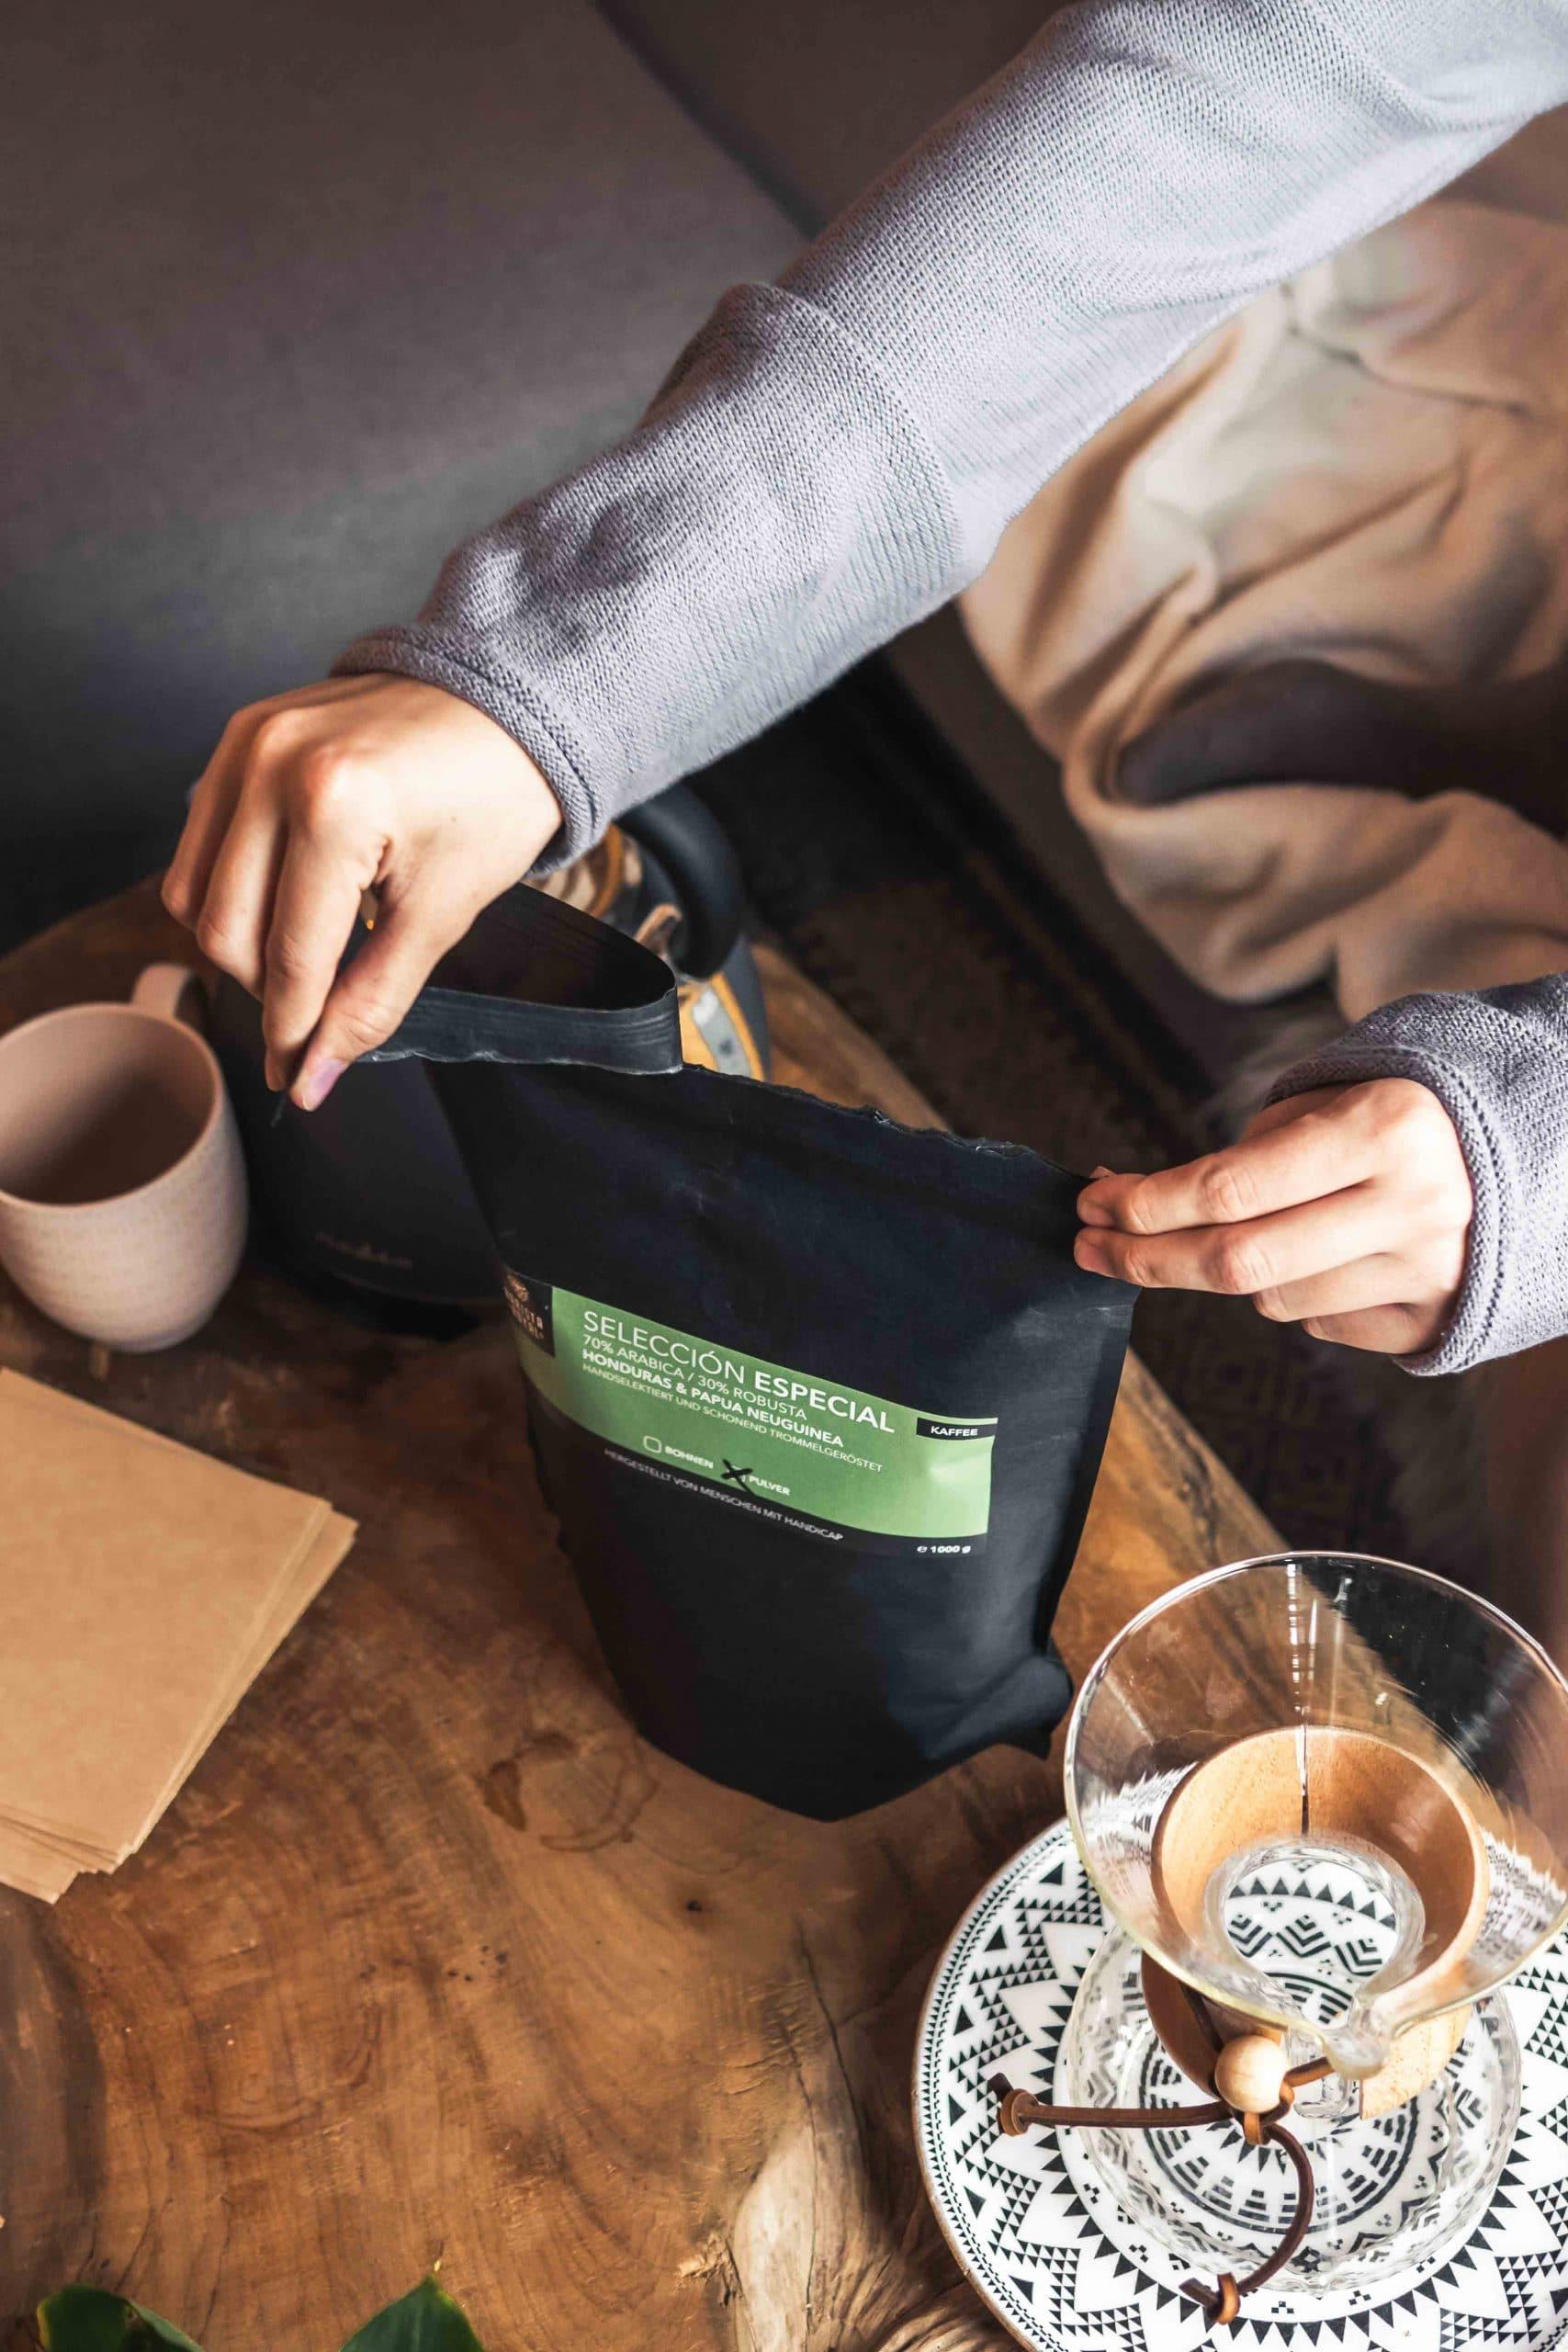 barista royal kaffee 18 von 130 scaled